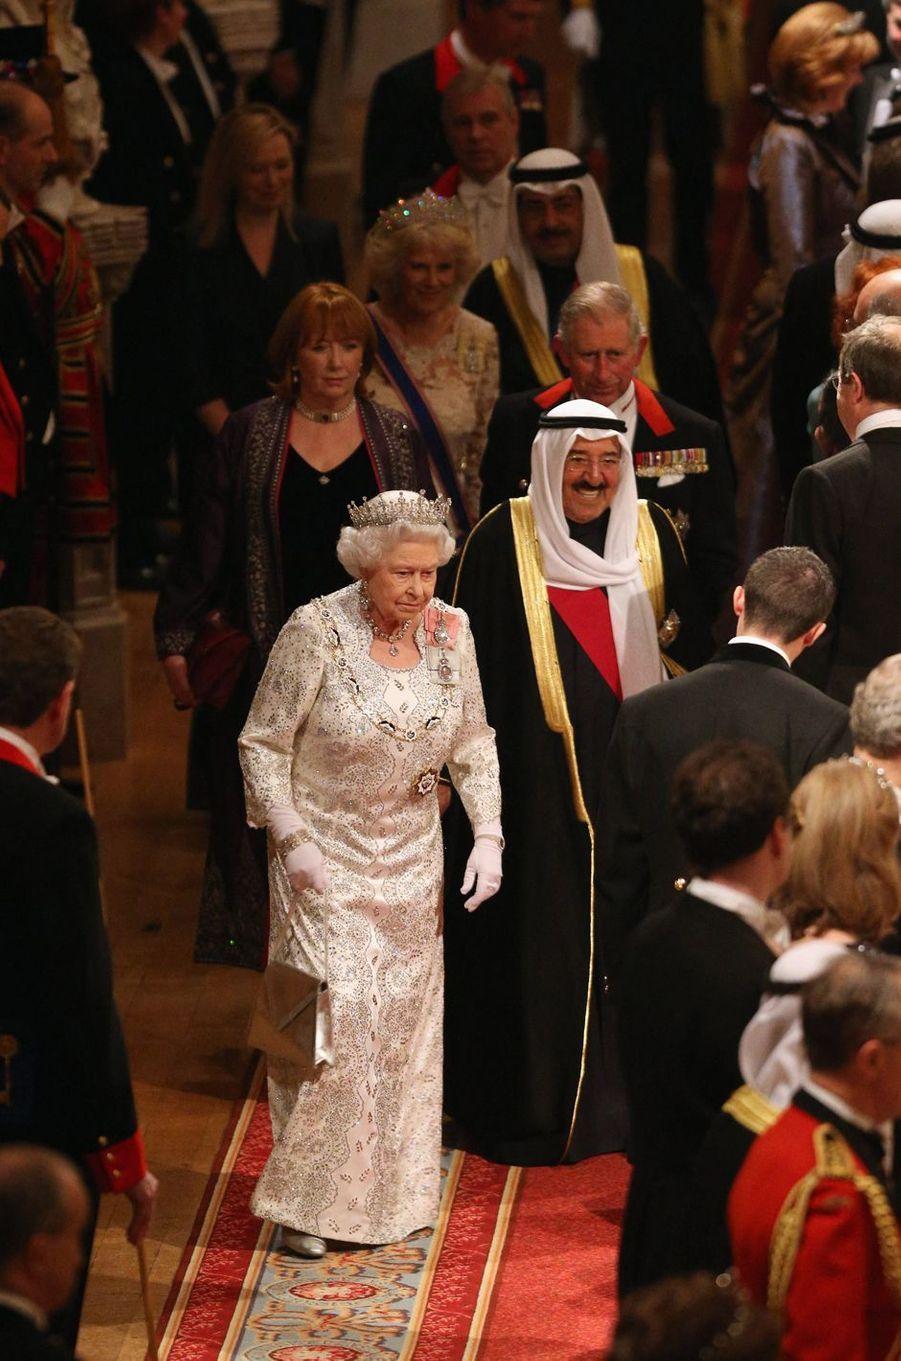 L'émir du Koweït, le cheikh Sabah al-Ahmad al-Sabah, avec la reine Elizabeth II à Windsor, le 27 novembre 2012